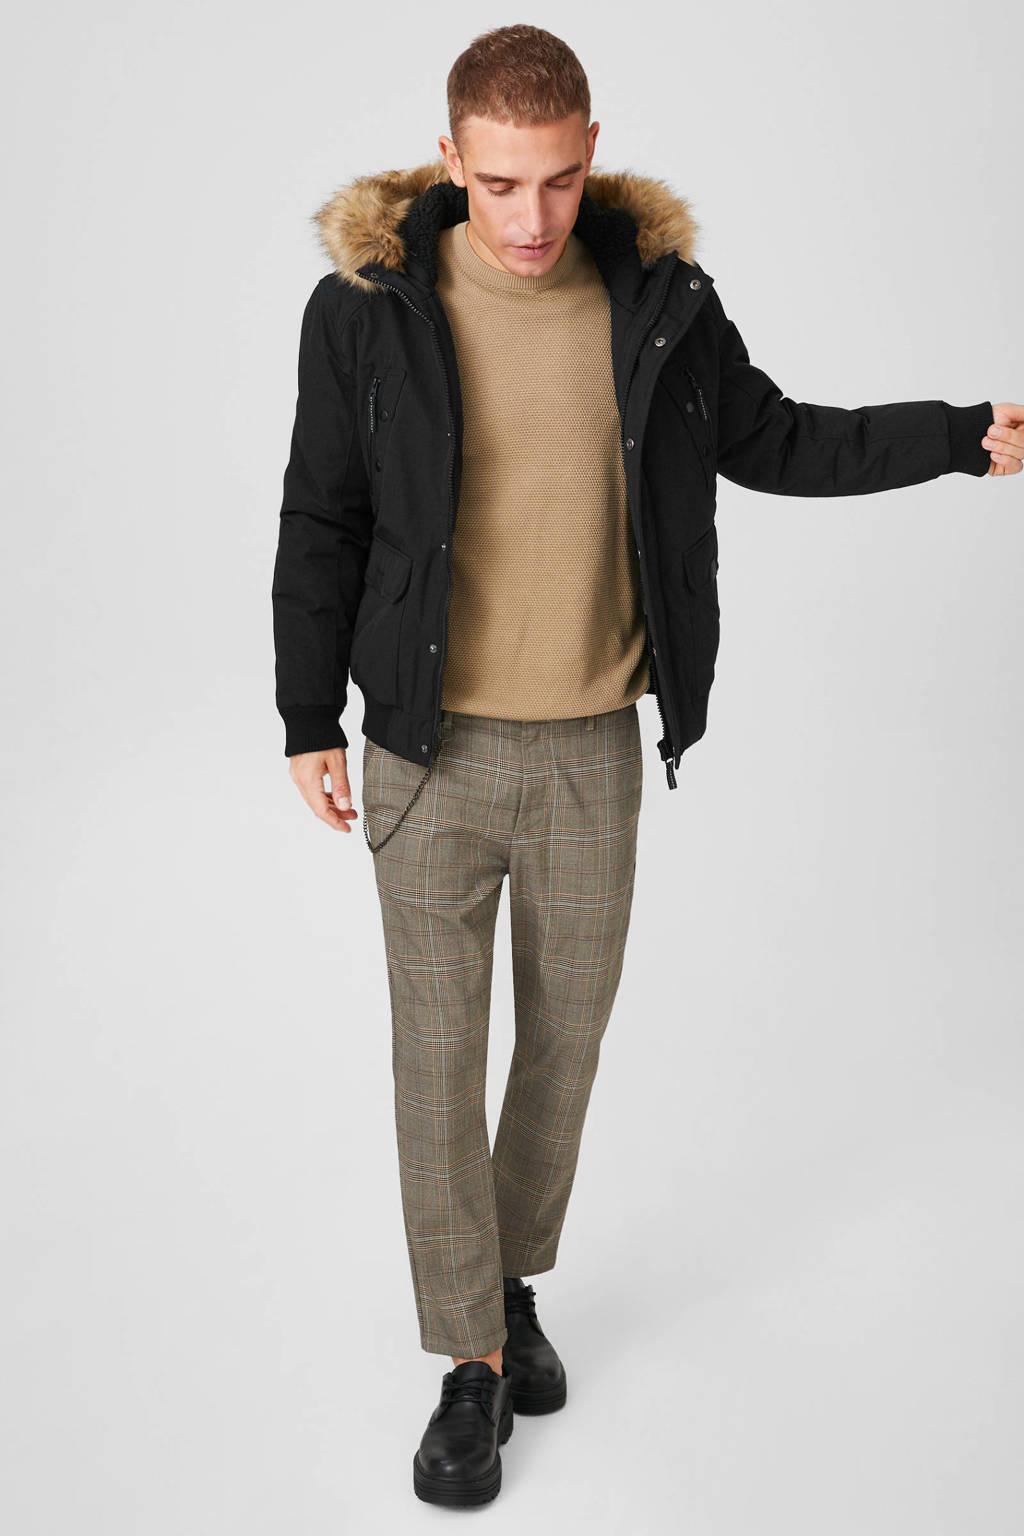 C&A Clockhouse jas zwart, Zwart